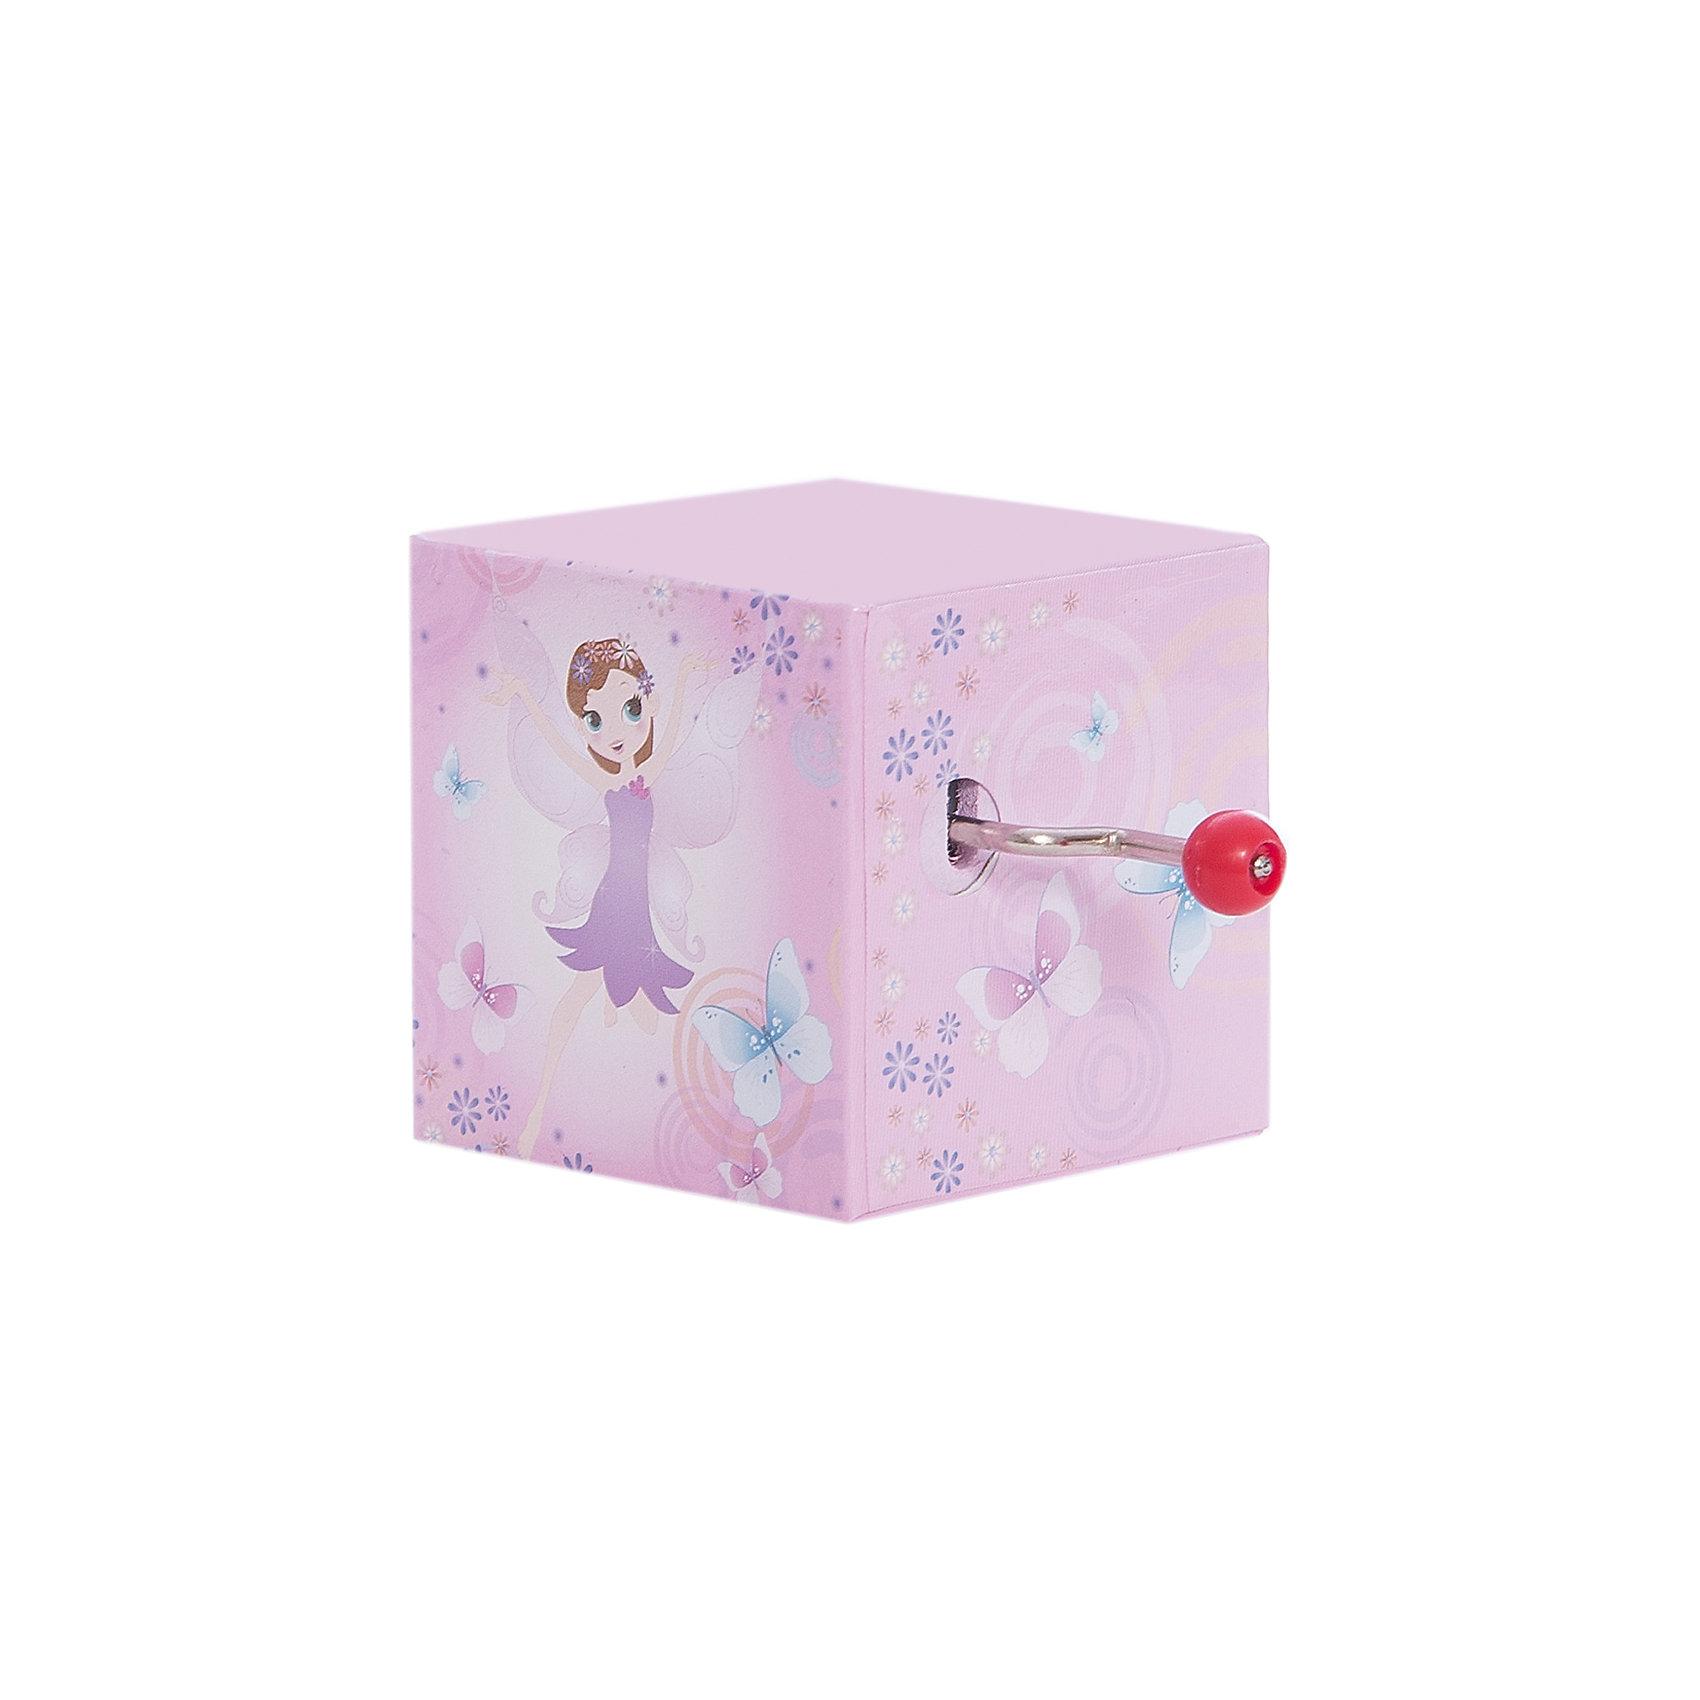 TROUSSELIER Музыкальная мини шарманка Fairy Parma, Trousselier trousselier музыкальная мини шарманка elmer© trousselier